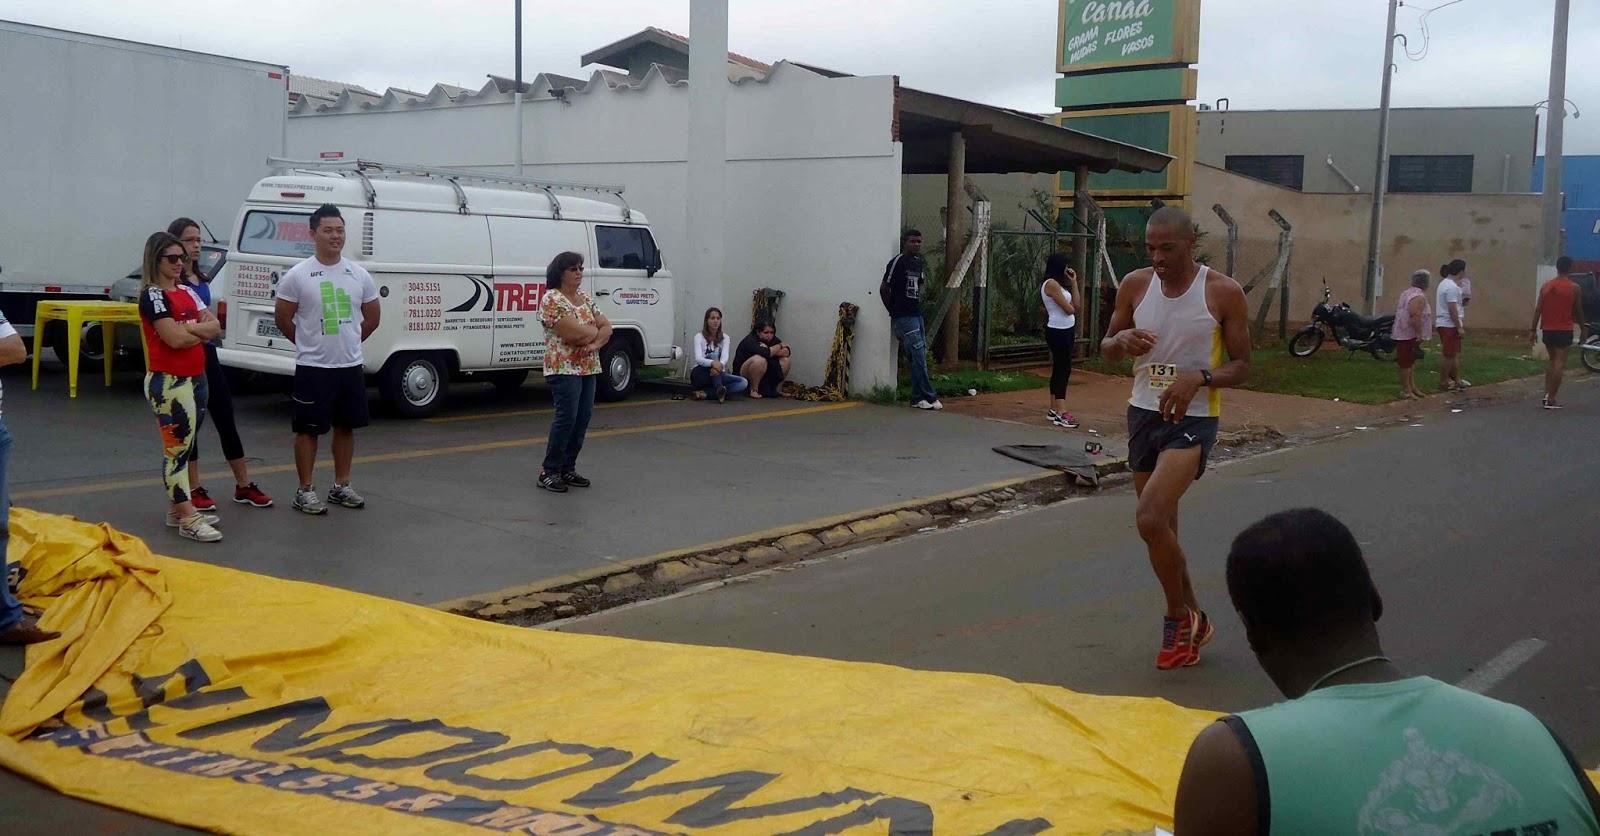 Foto 71 da 1ª Corrida Av. dos Coqueiros em Barretos-SP 14/04/2013 – Atletas cruzando a linha de chegada